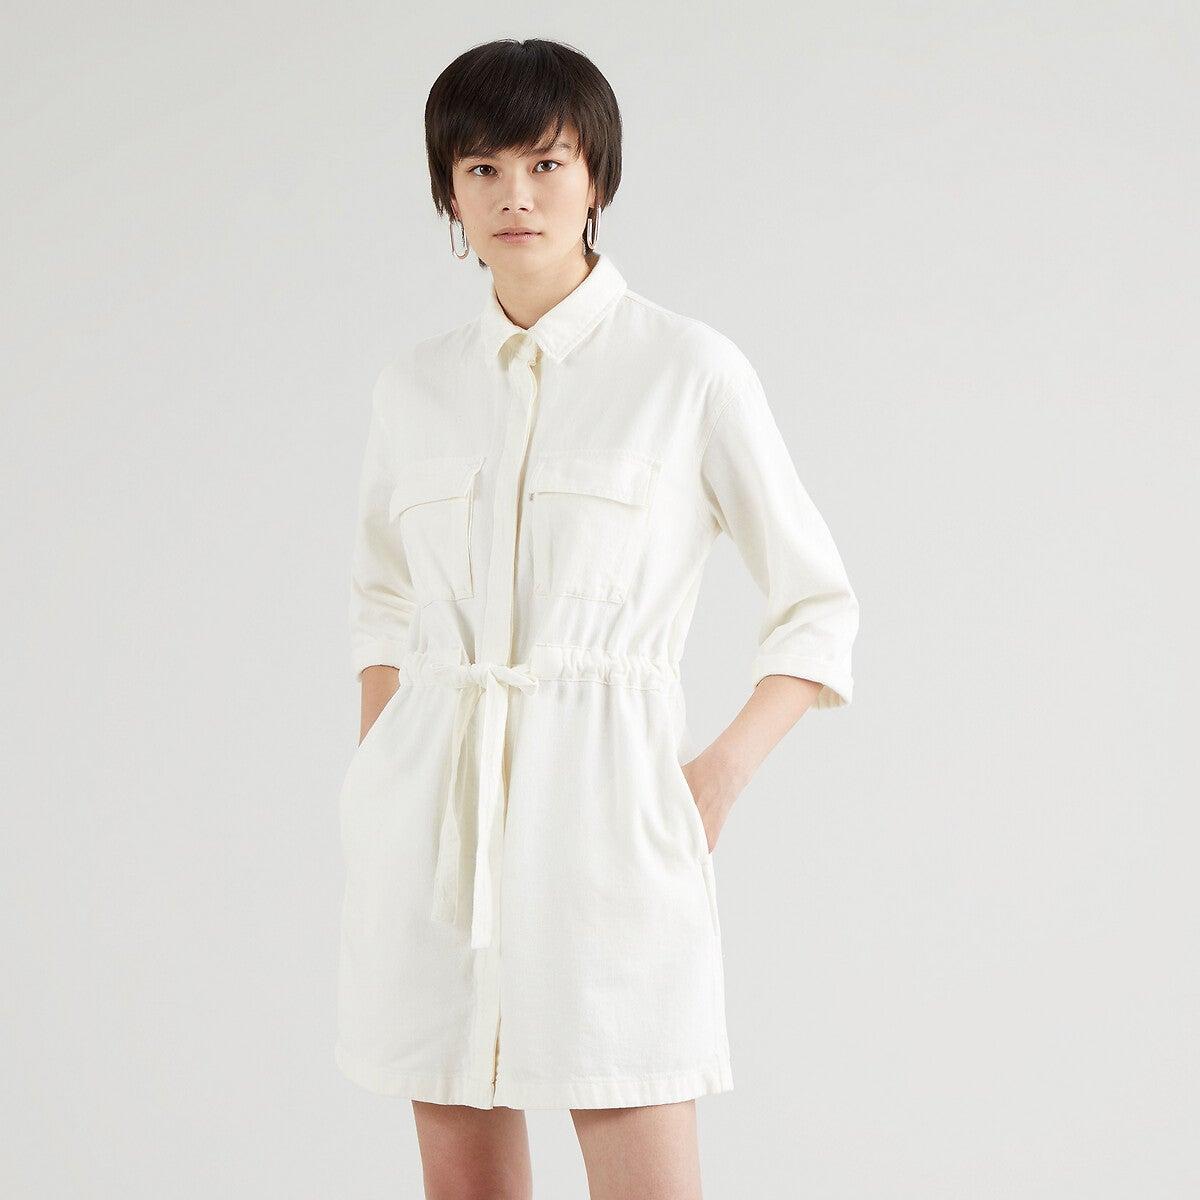 Robe-chemise courte en coton et lyocell, Levi's, 57,85€ au lieu de 89€.